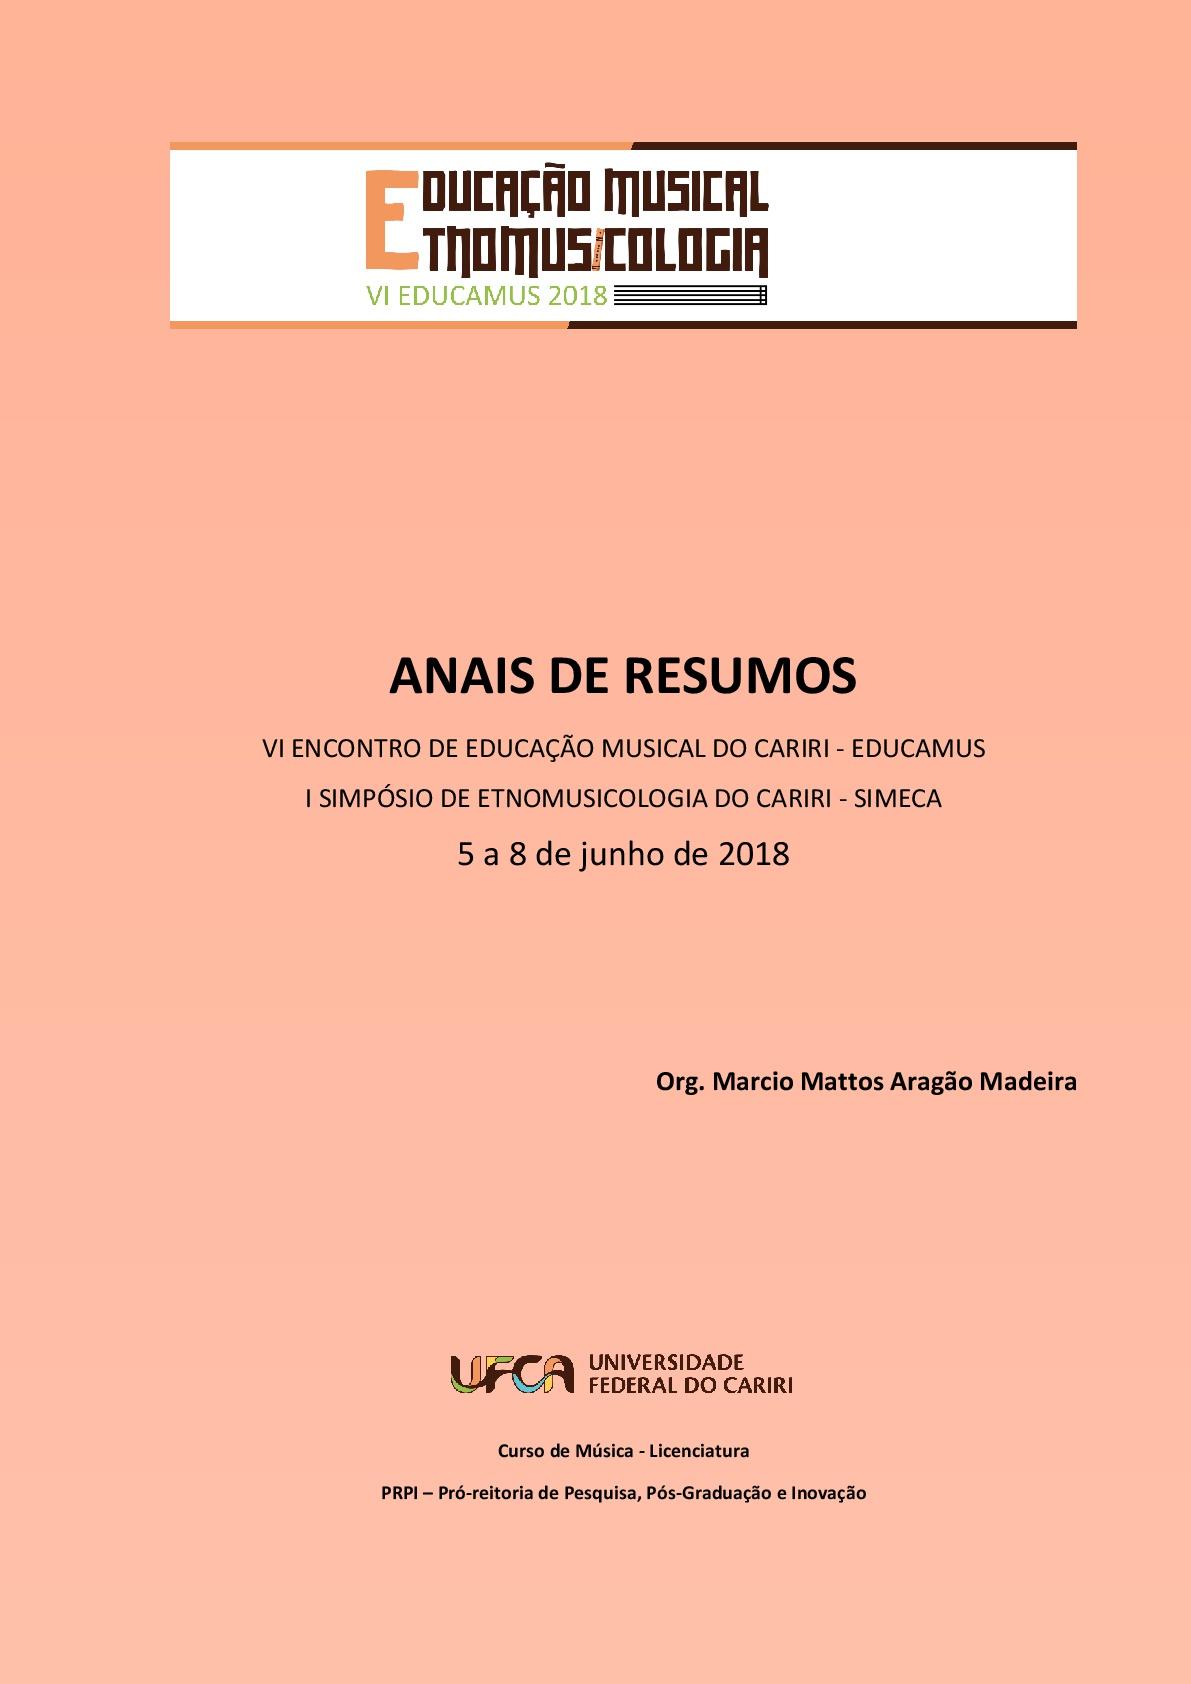 ANAIS DE RESUMOS VI ENCONTRO DE EDUCAÇÃO MUSICAL DO CARIRI – EDUCAMUS / I SIMPÓSIO DE ETNOMUSICOLOGIA DO CARIRI – SIMECA thumbnail